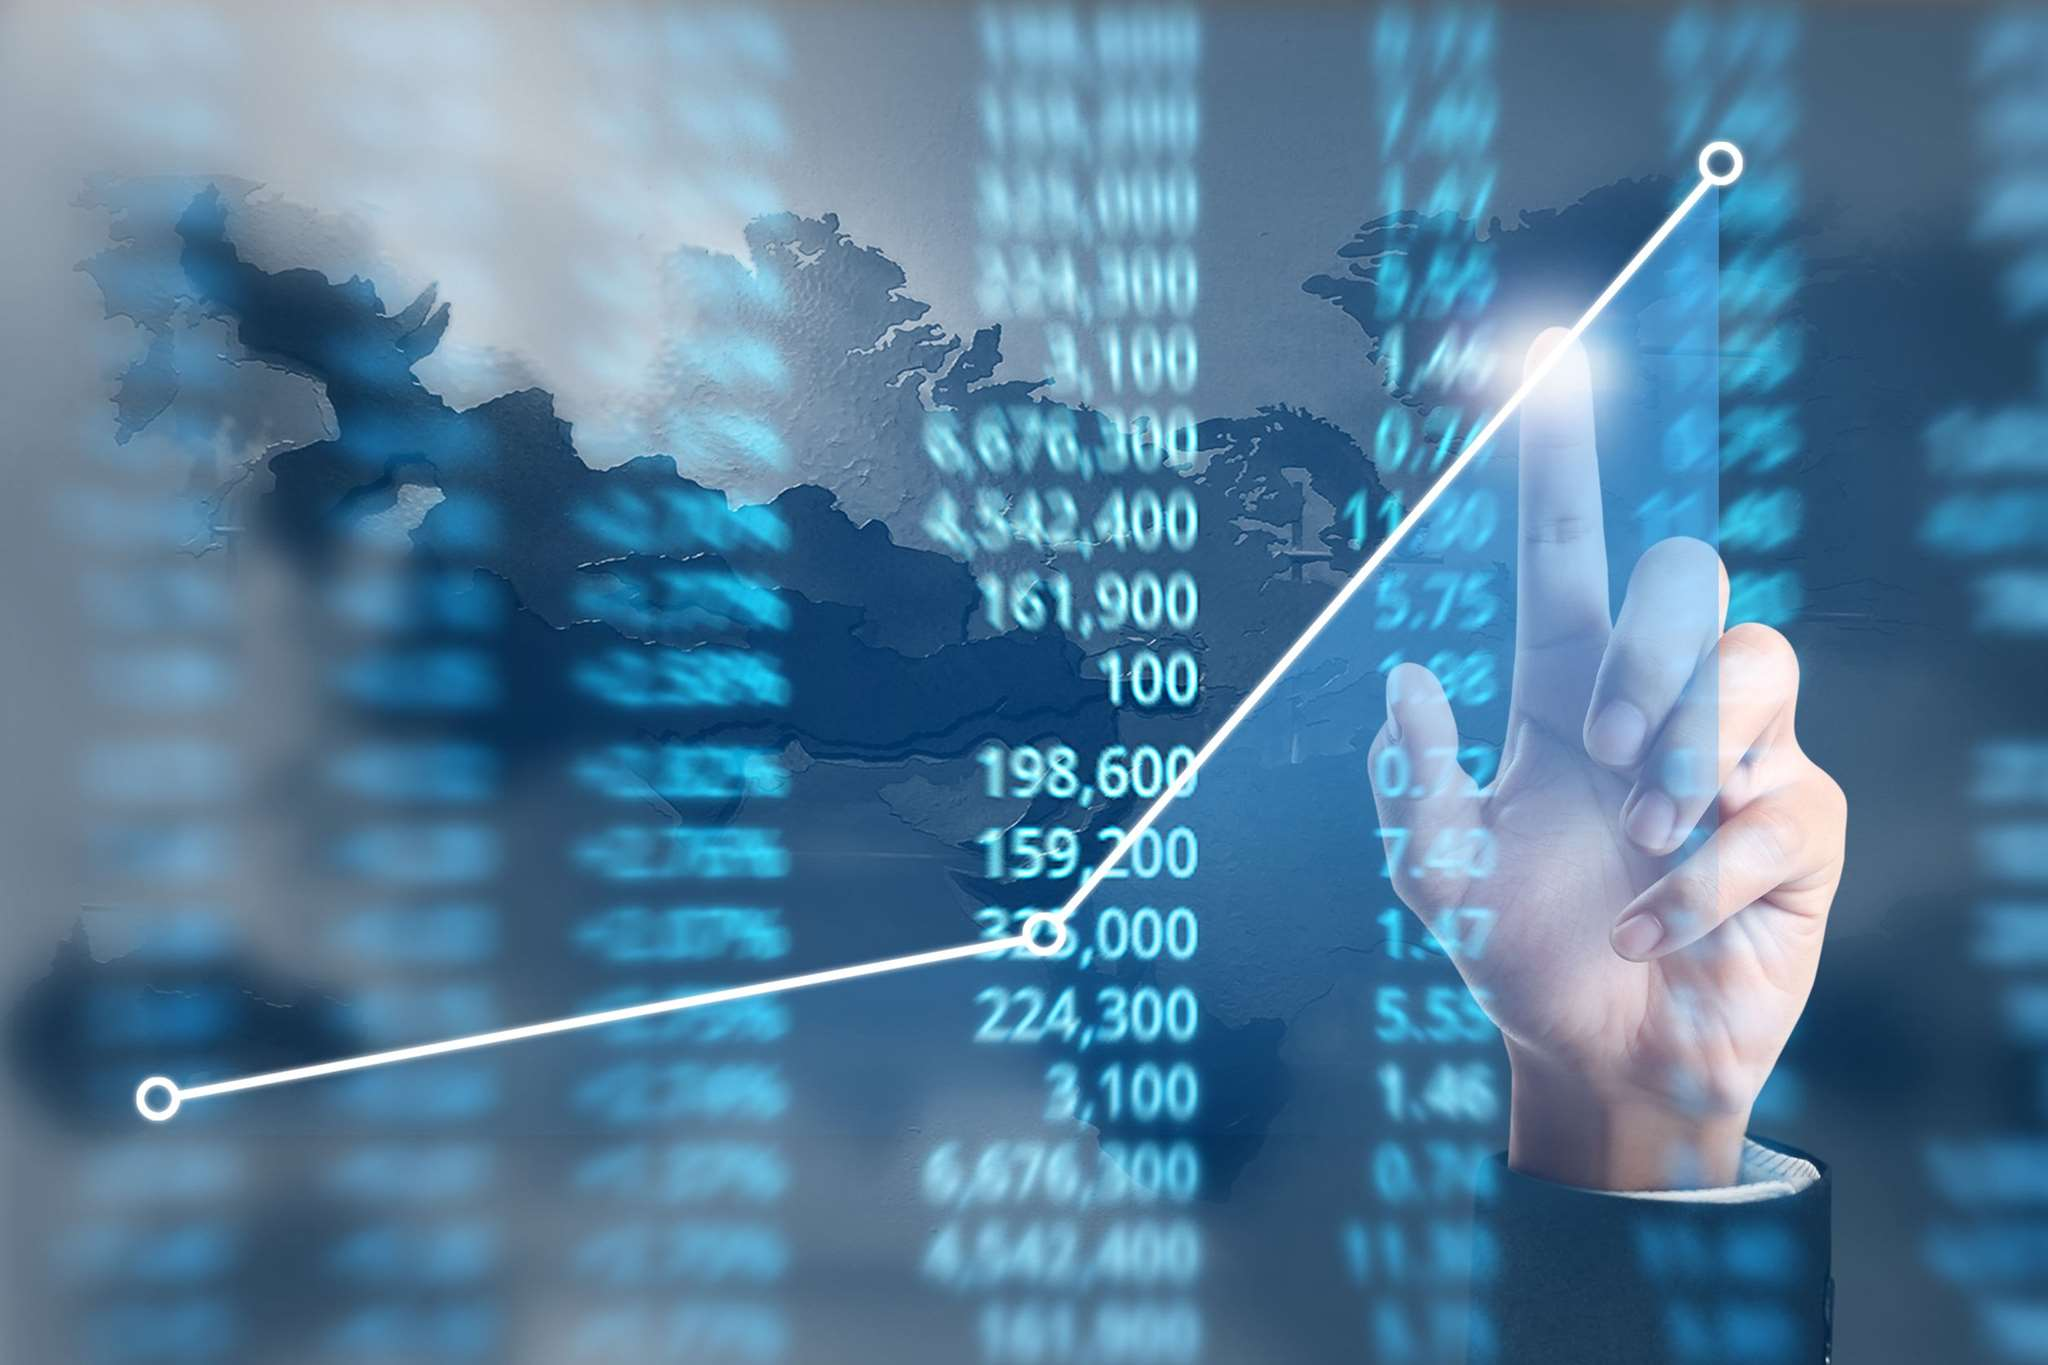 Αυξημένη η εμπιστοσύνη των ξένων επενδυτών στην Ελλάδα